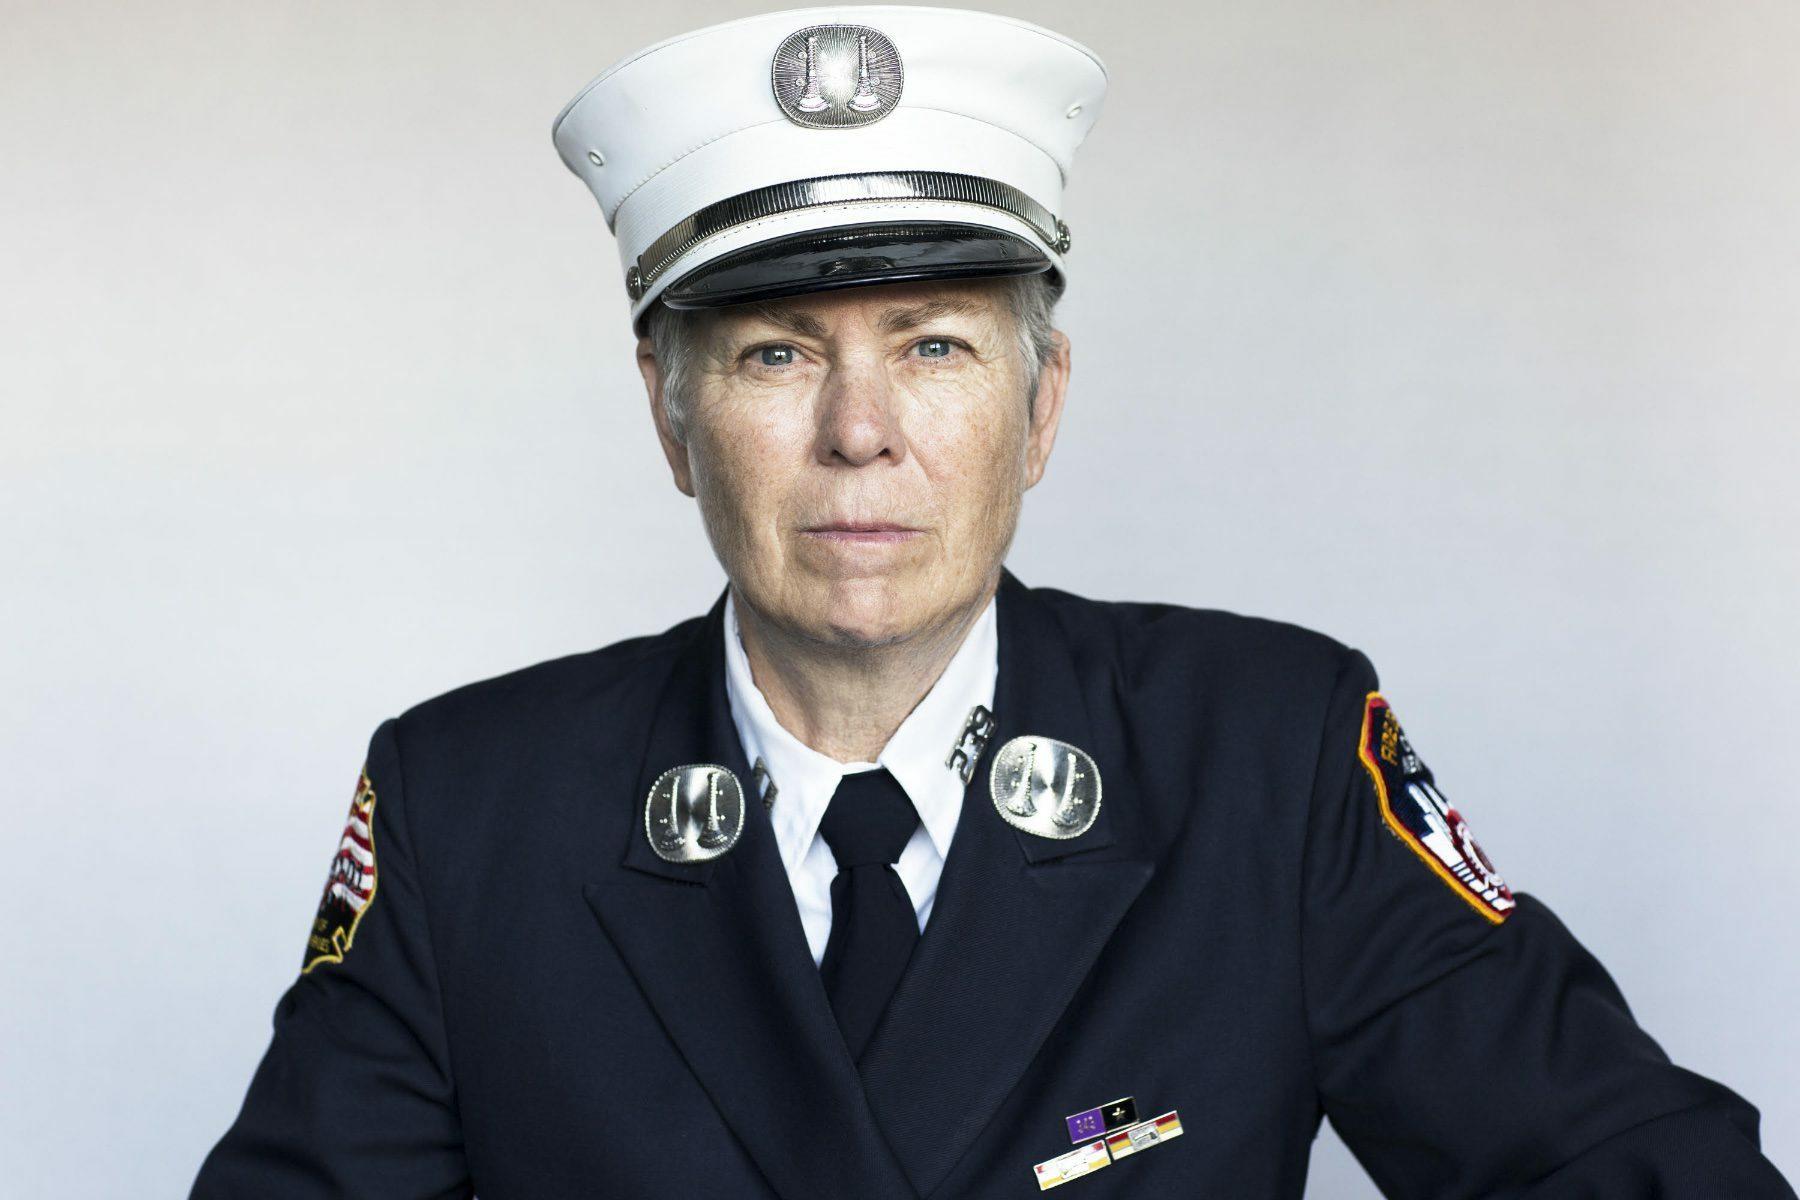 A portrait of Brenda Berkman, a woman raising awareness about women first responders at 9/11.